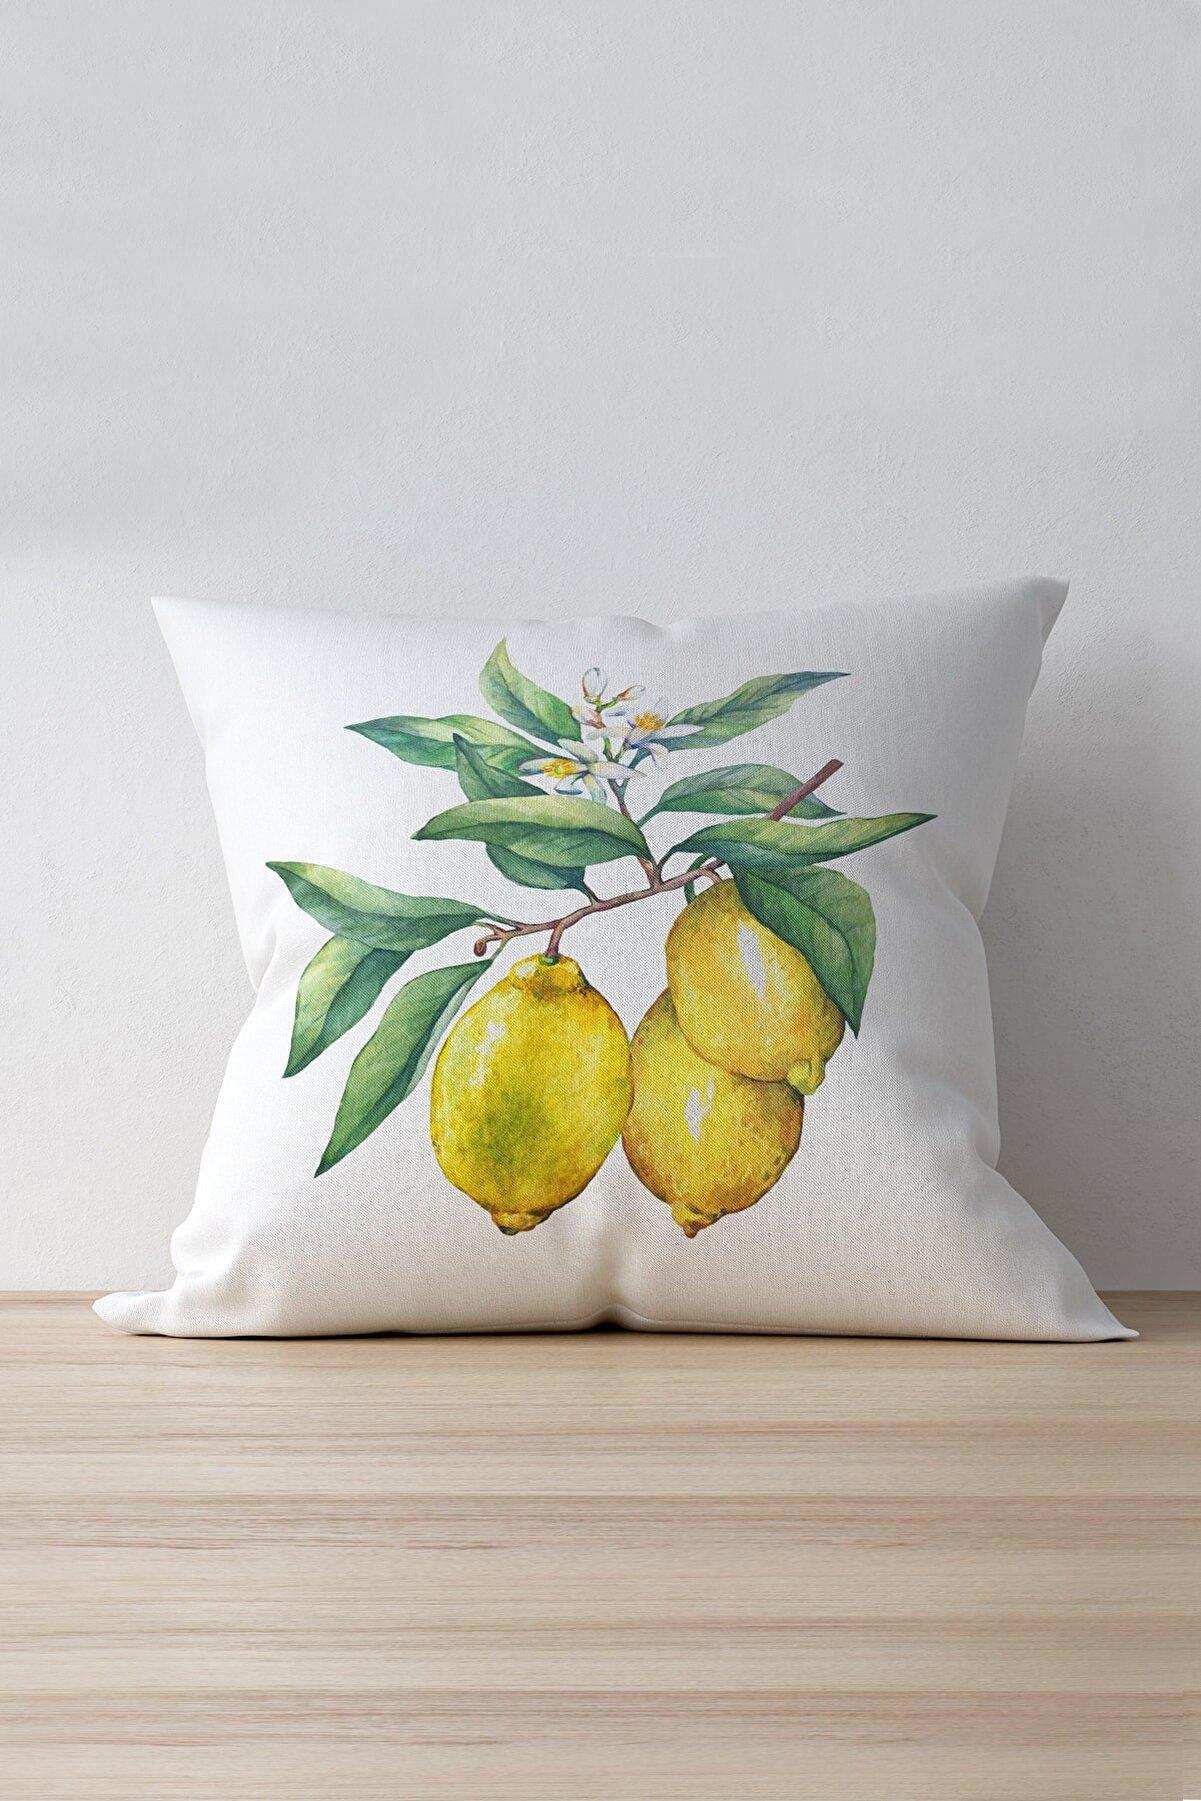 Cango Home Beyaz Sarı Limon Desenli Dijital Baskılı Kırlent Kılıfı - Oytyk901 Esnafali